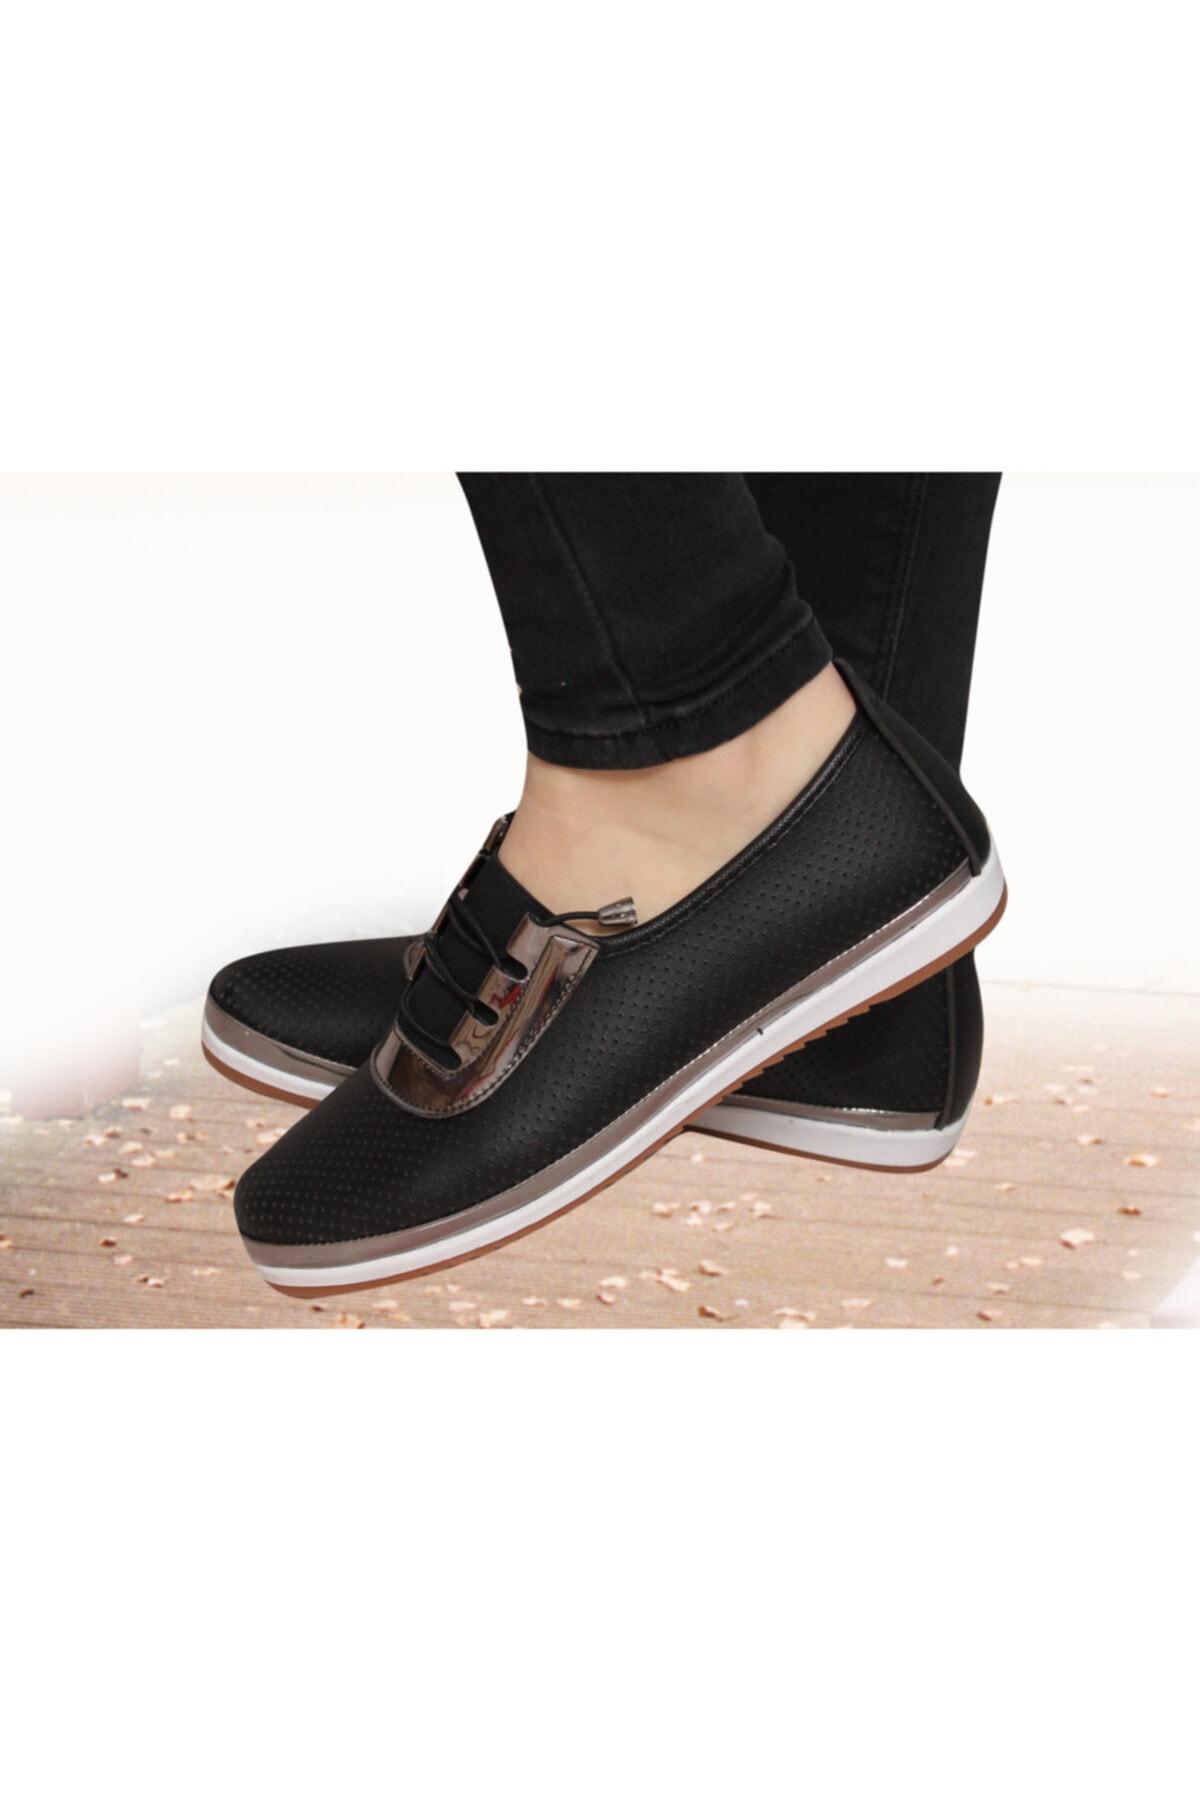 Witty Kadın Siyah Günlük Babet Ortapedik Ayakkabı 1